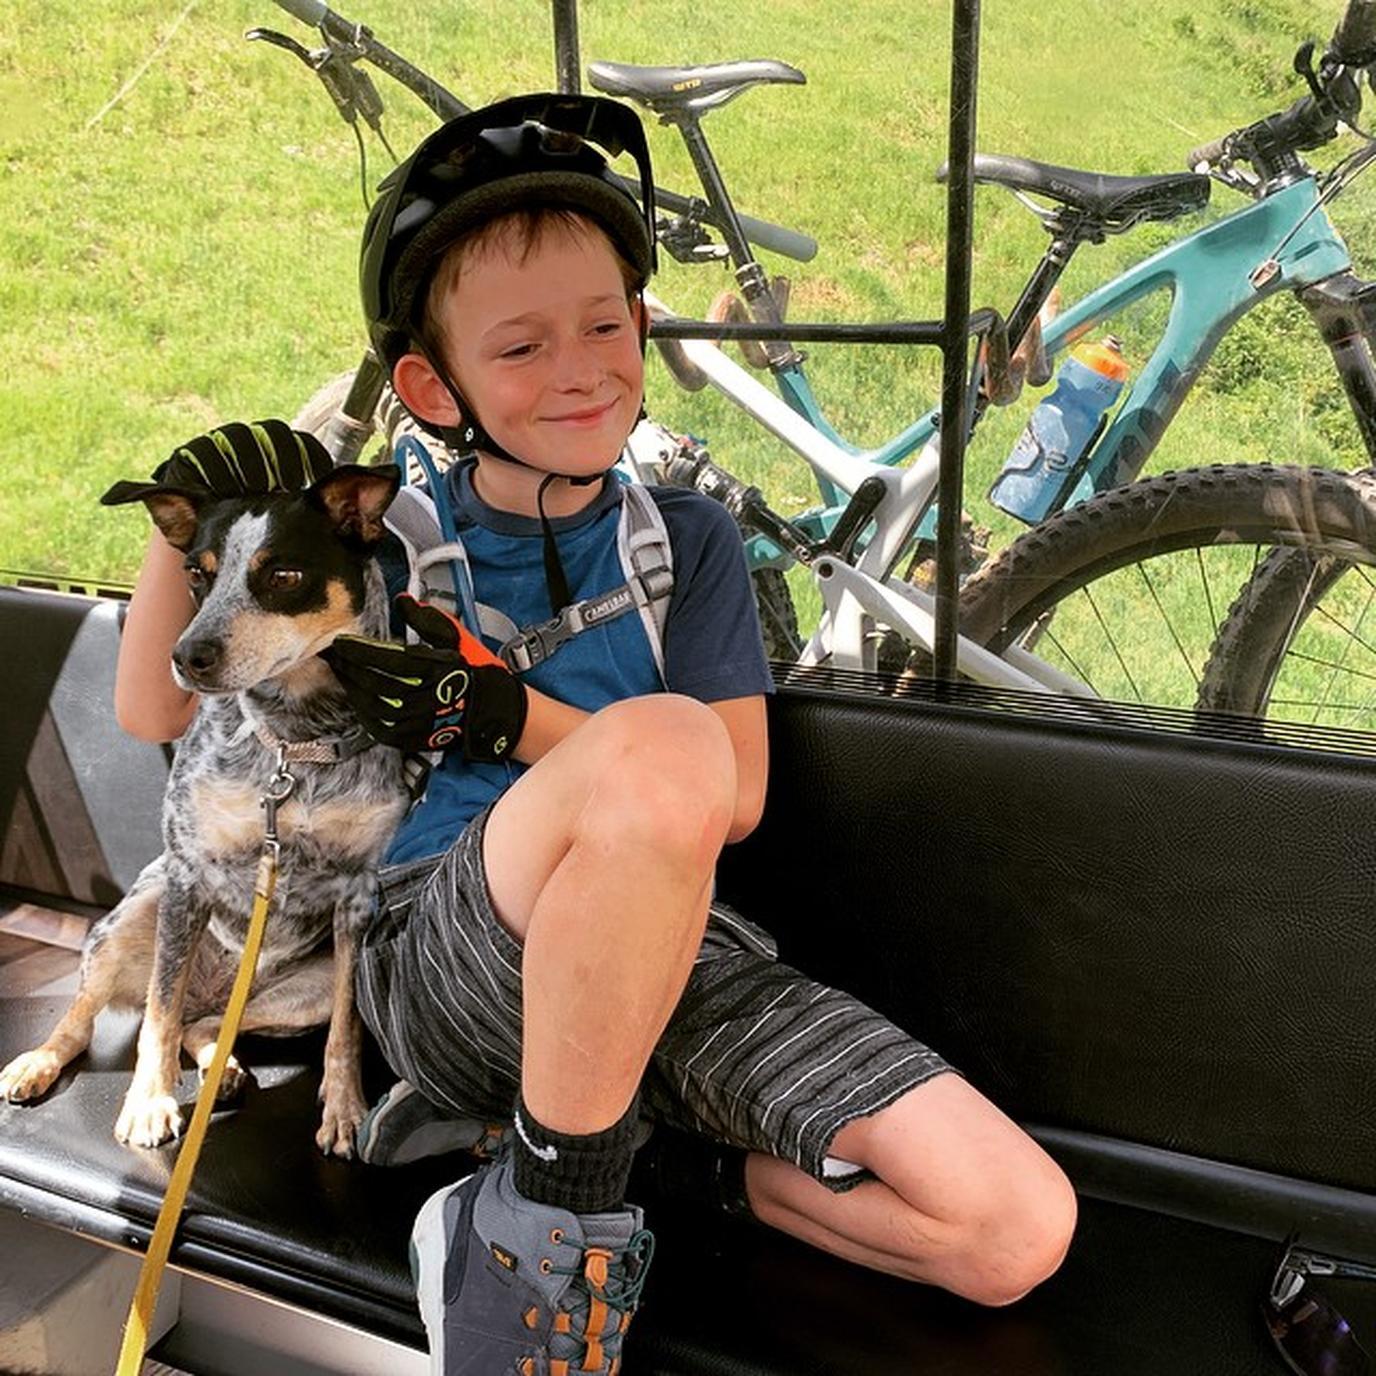 A boy rides a dog-friendly gondola in Telluride.